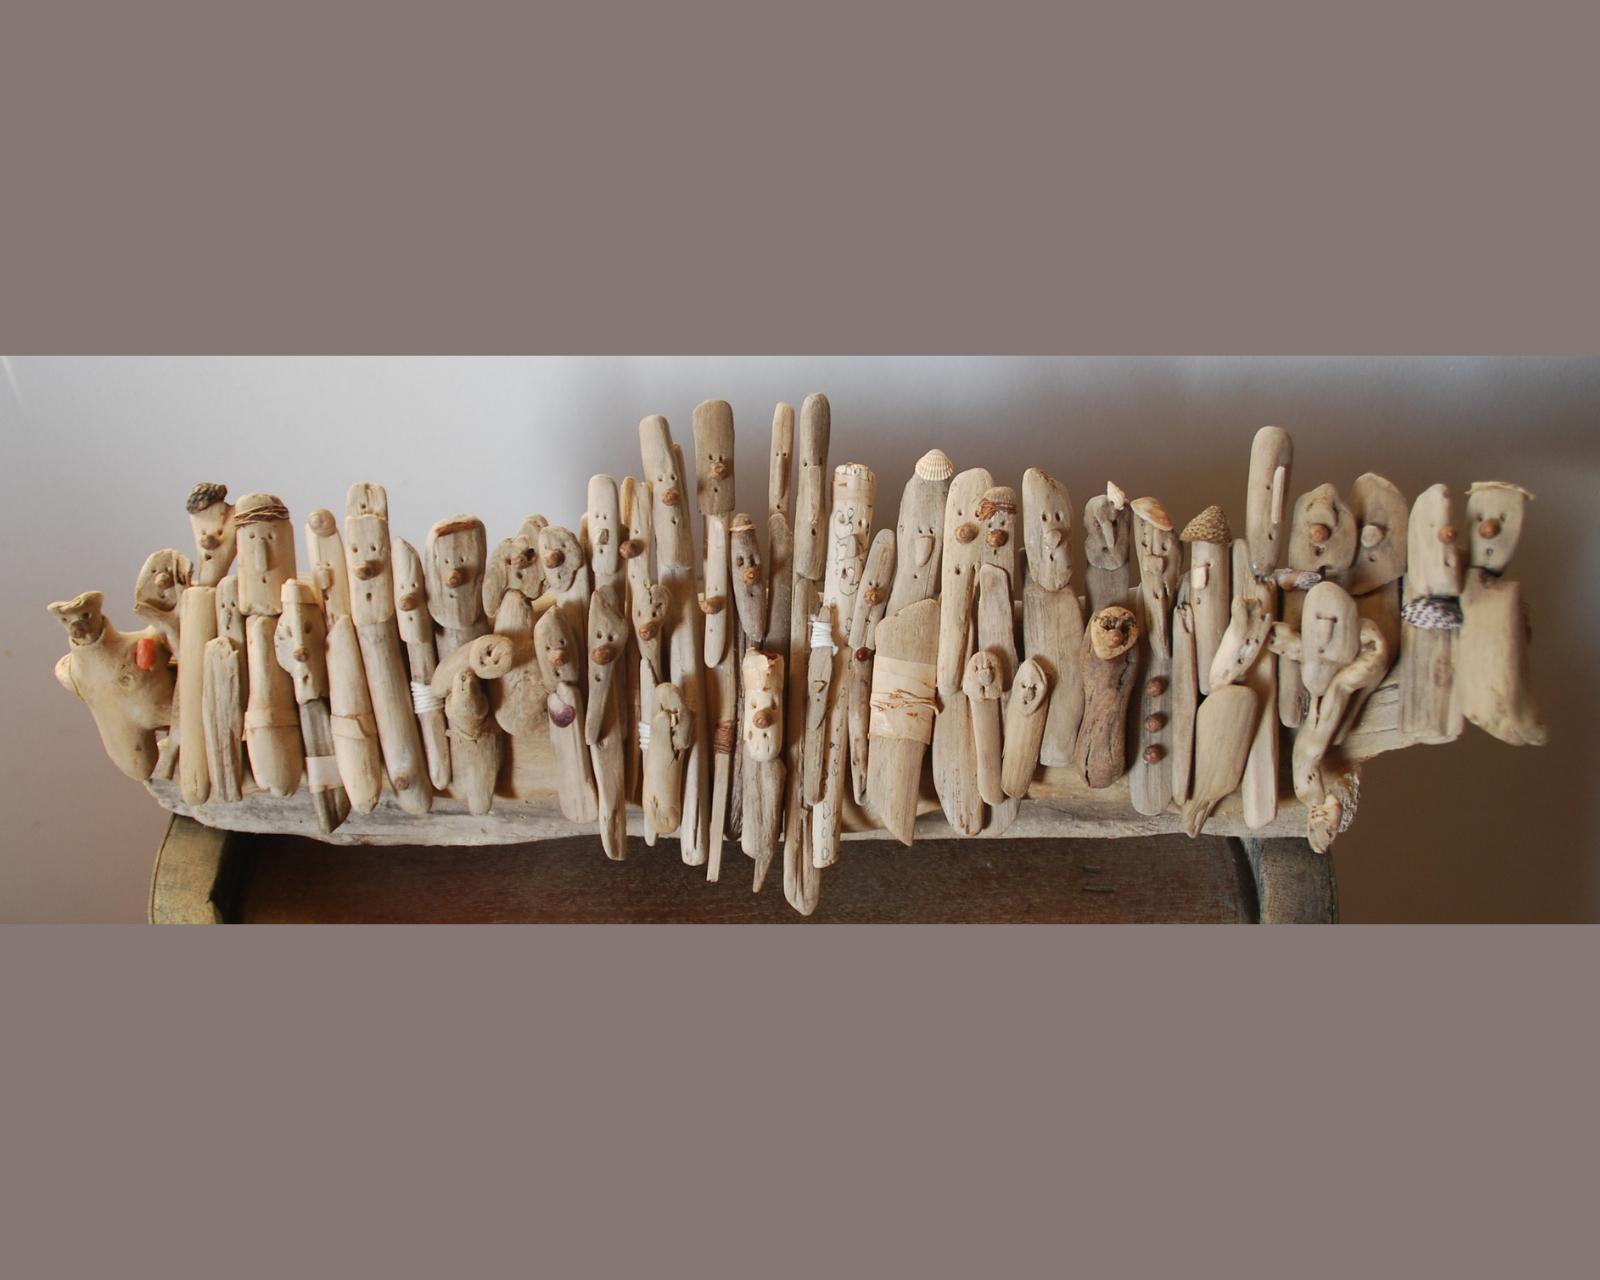 Créations En Bois Flotté mes creations en bois flotte | myserapia